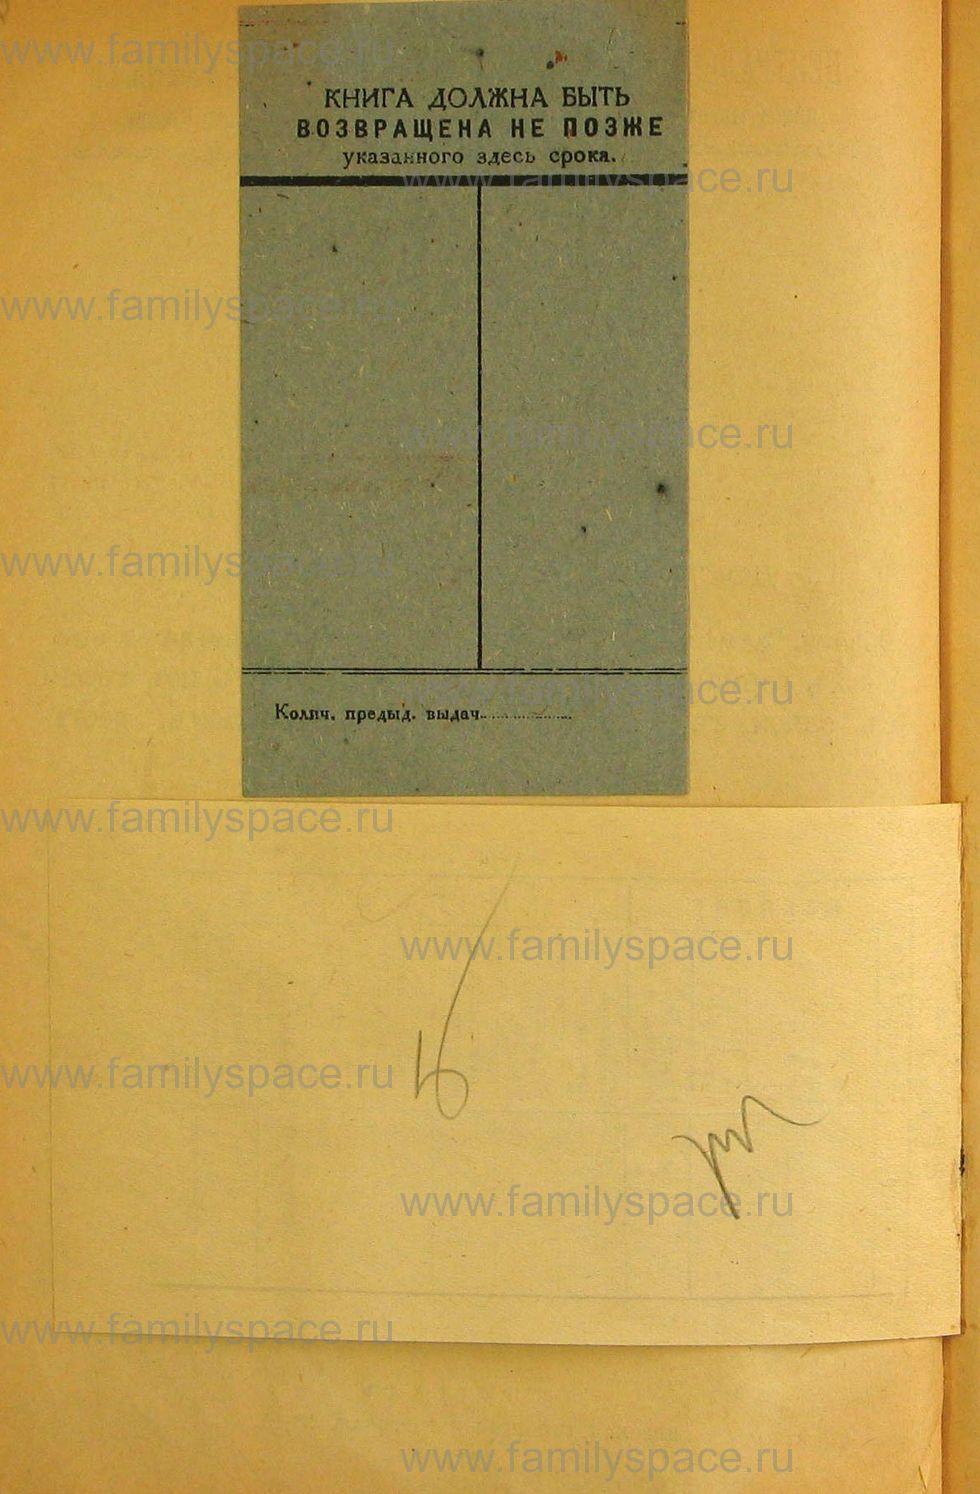 Поиск по фамилии - Списки русских военнопленных (из Германии) - 1917, страница 2